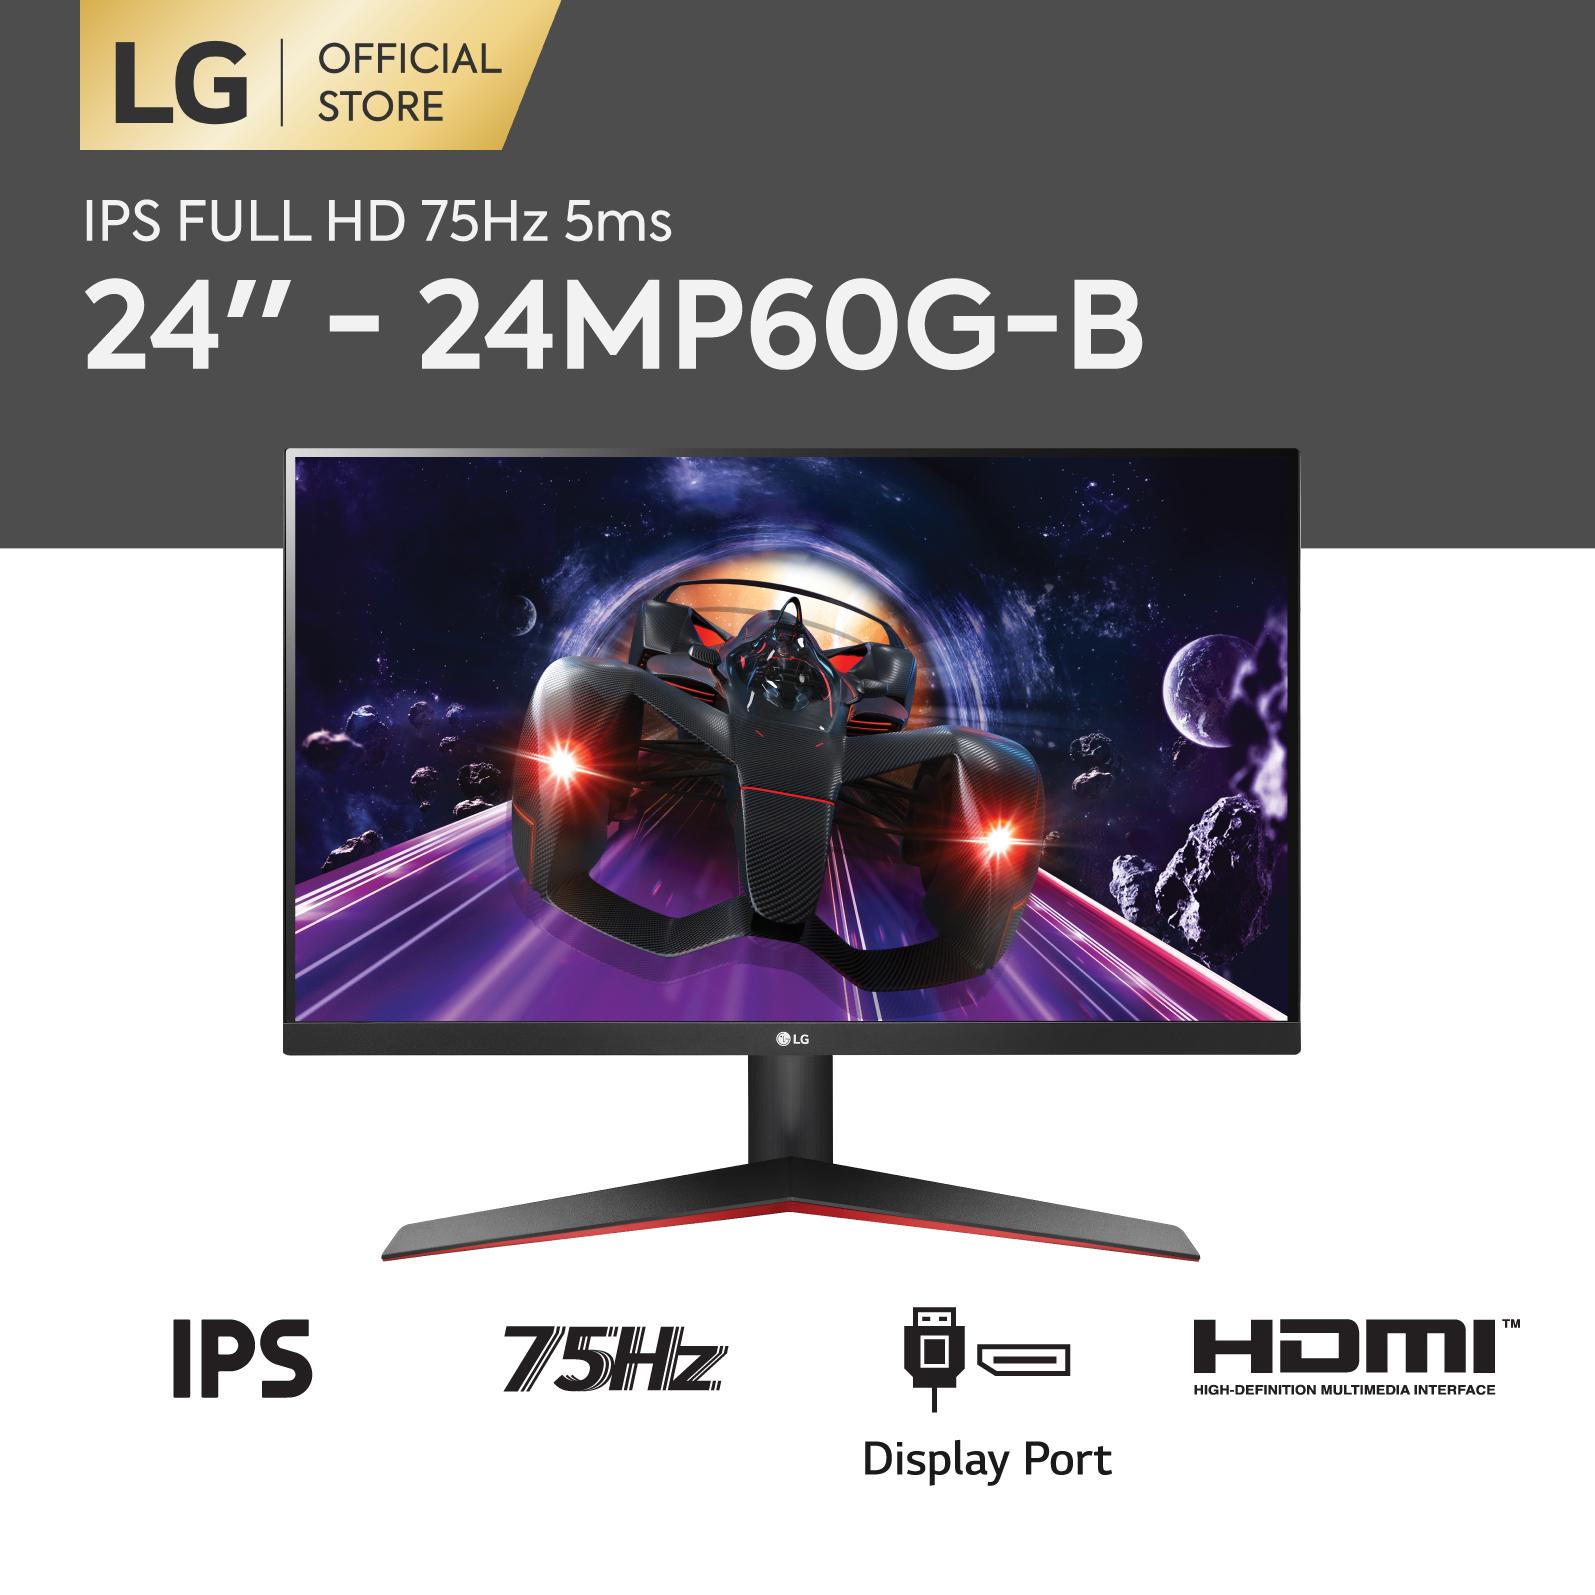 Màn hình máy tính LG LG IPS FHD (1920 x 1080) 75Hz 5ms l 24 / 27 / 32 inches...